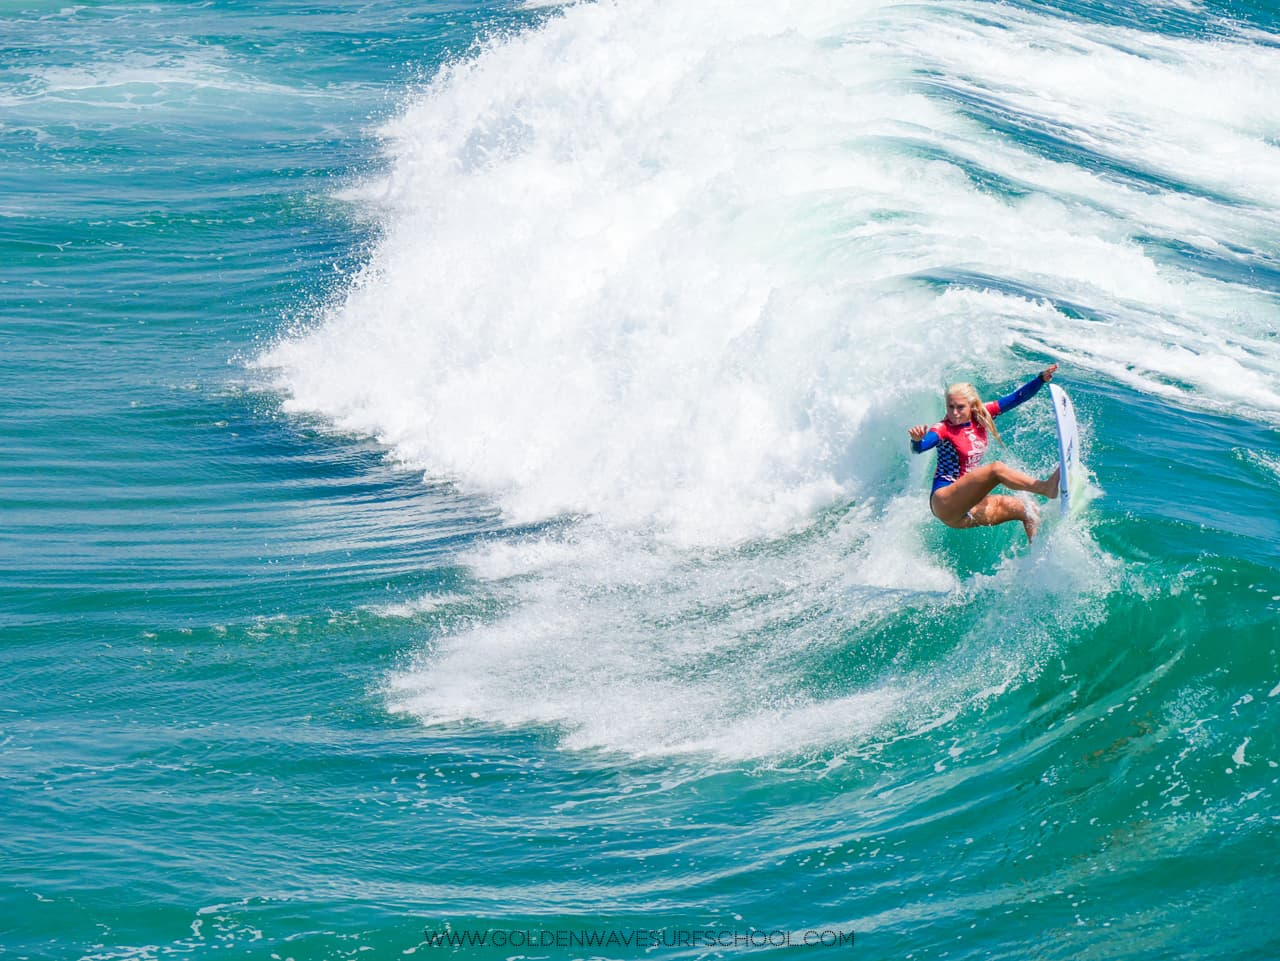 Серфинг в Северной Калифорнии, серф спорты, профессиональные серферы